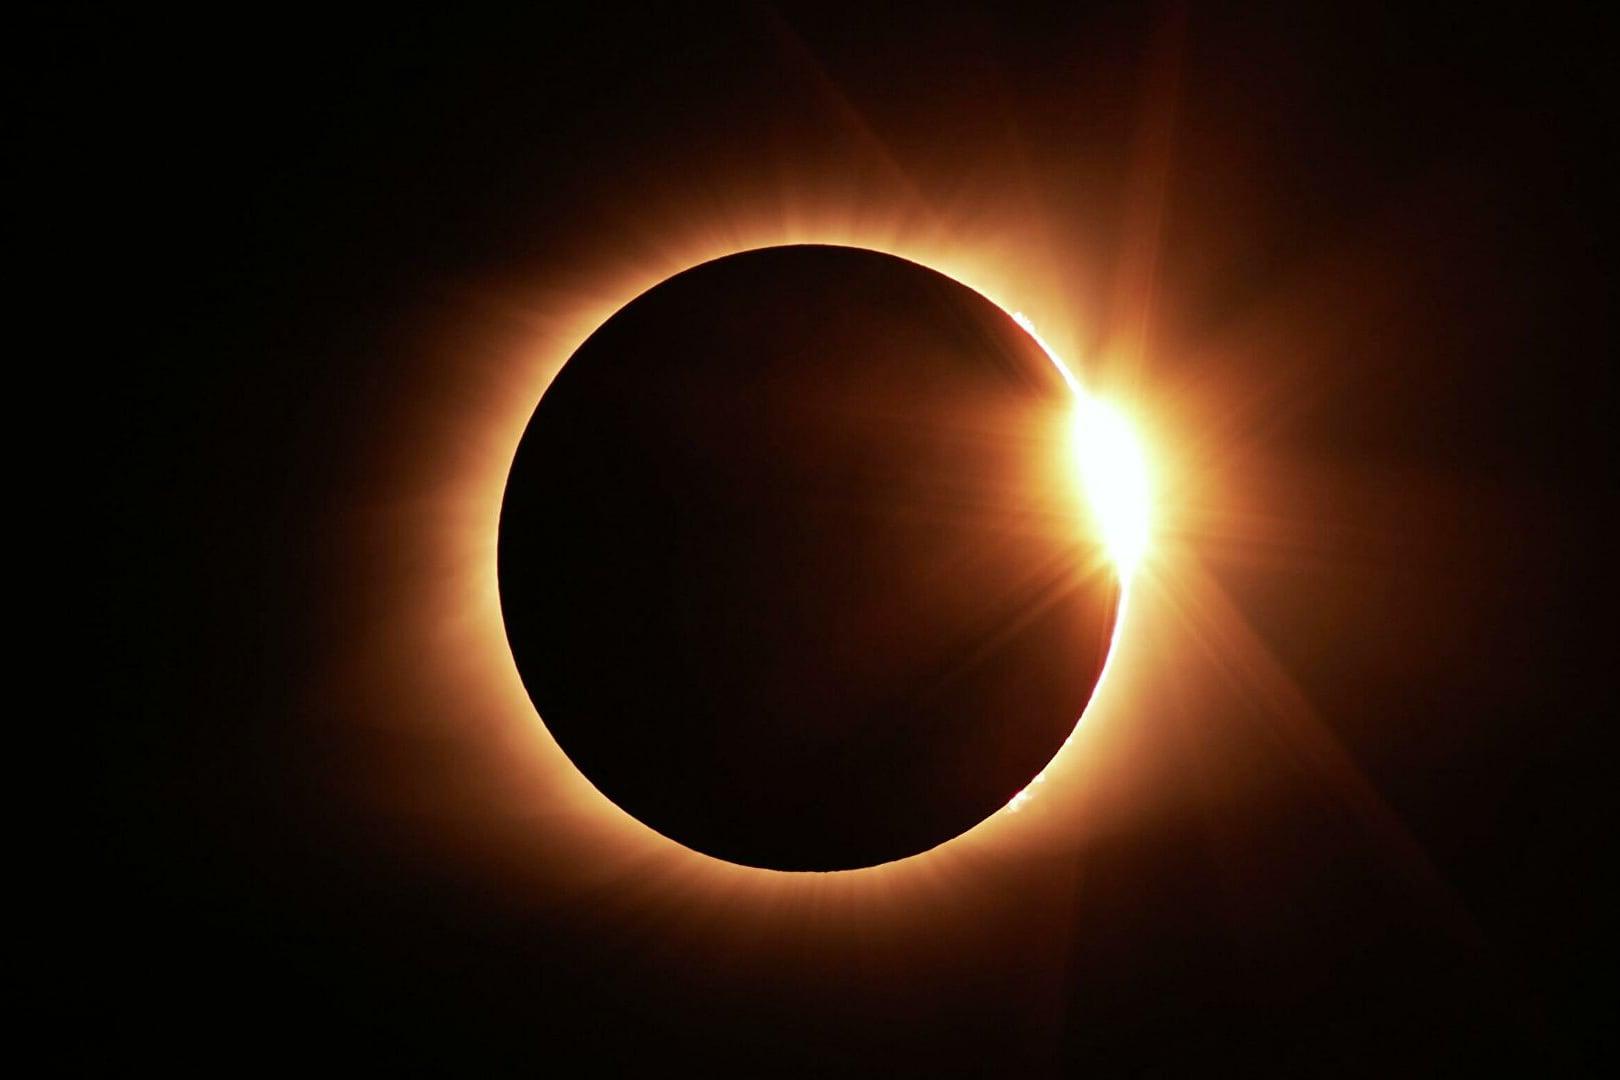 Сейчас началось первое кольцеобразное затмение Солнца. Где смотреть онлайн